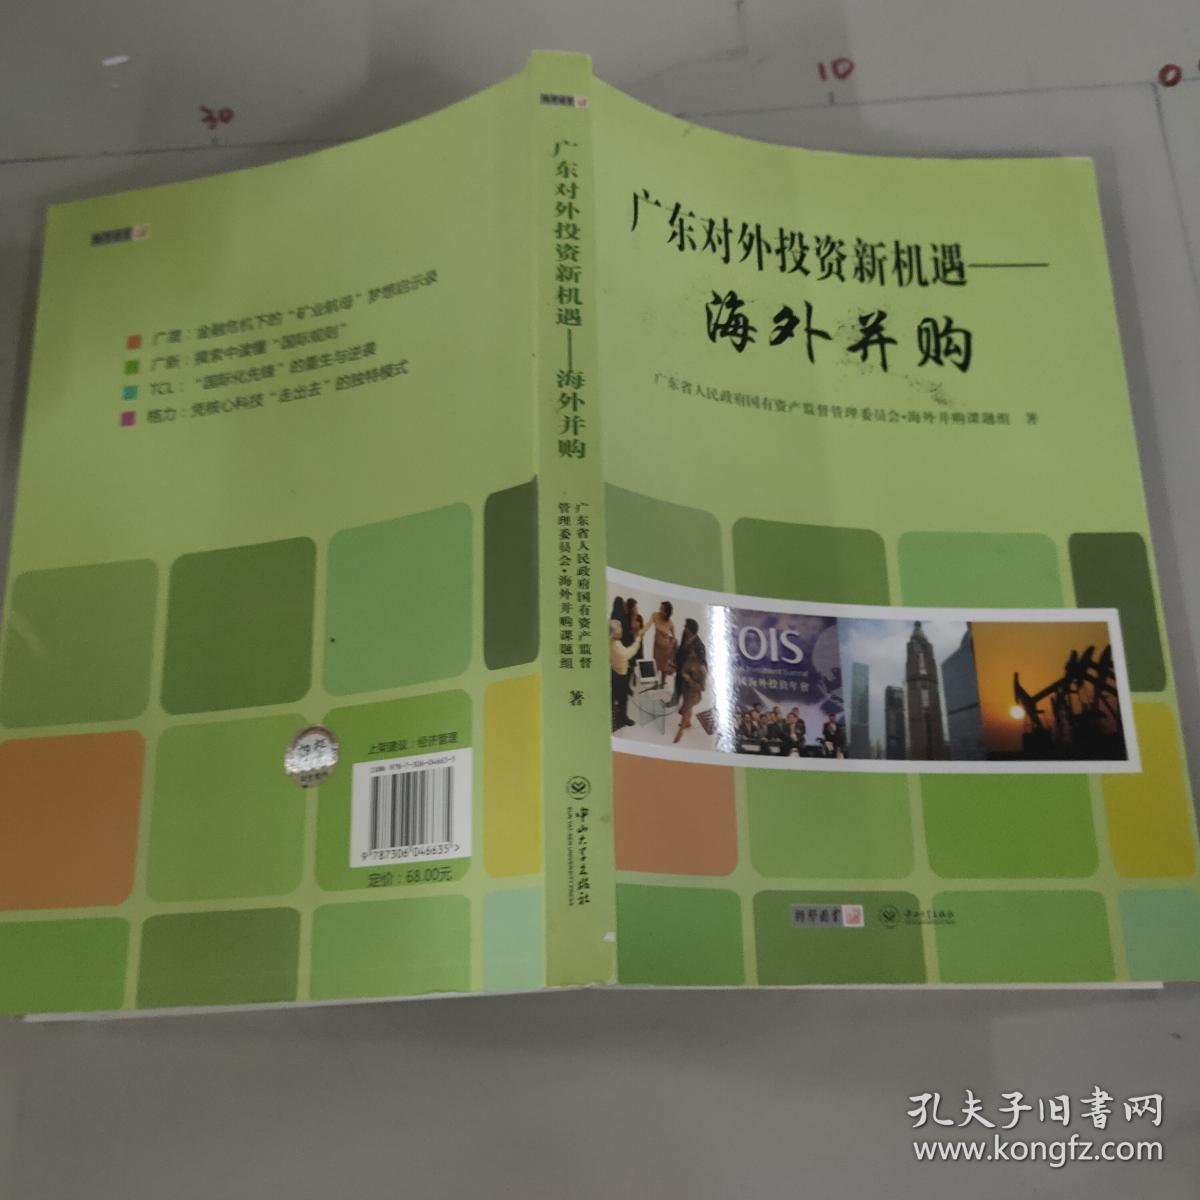 广东对外投资新机遇:海外并购